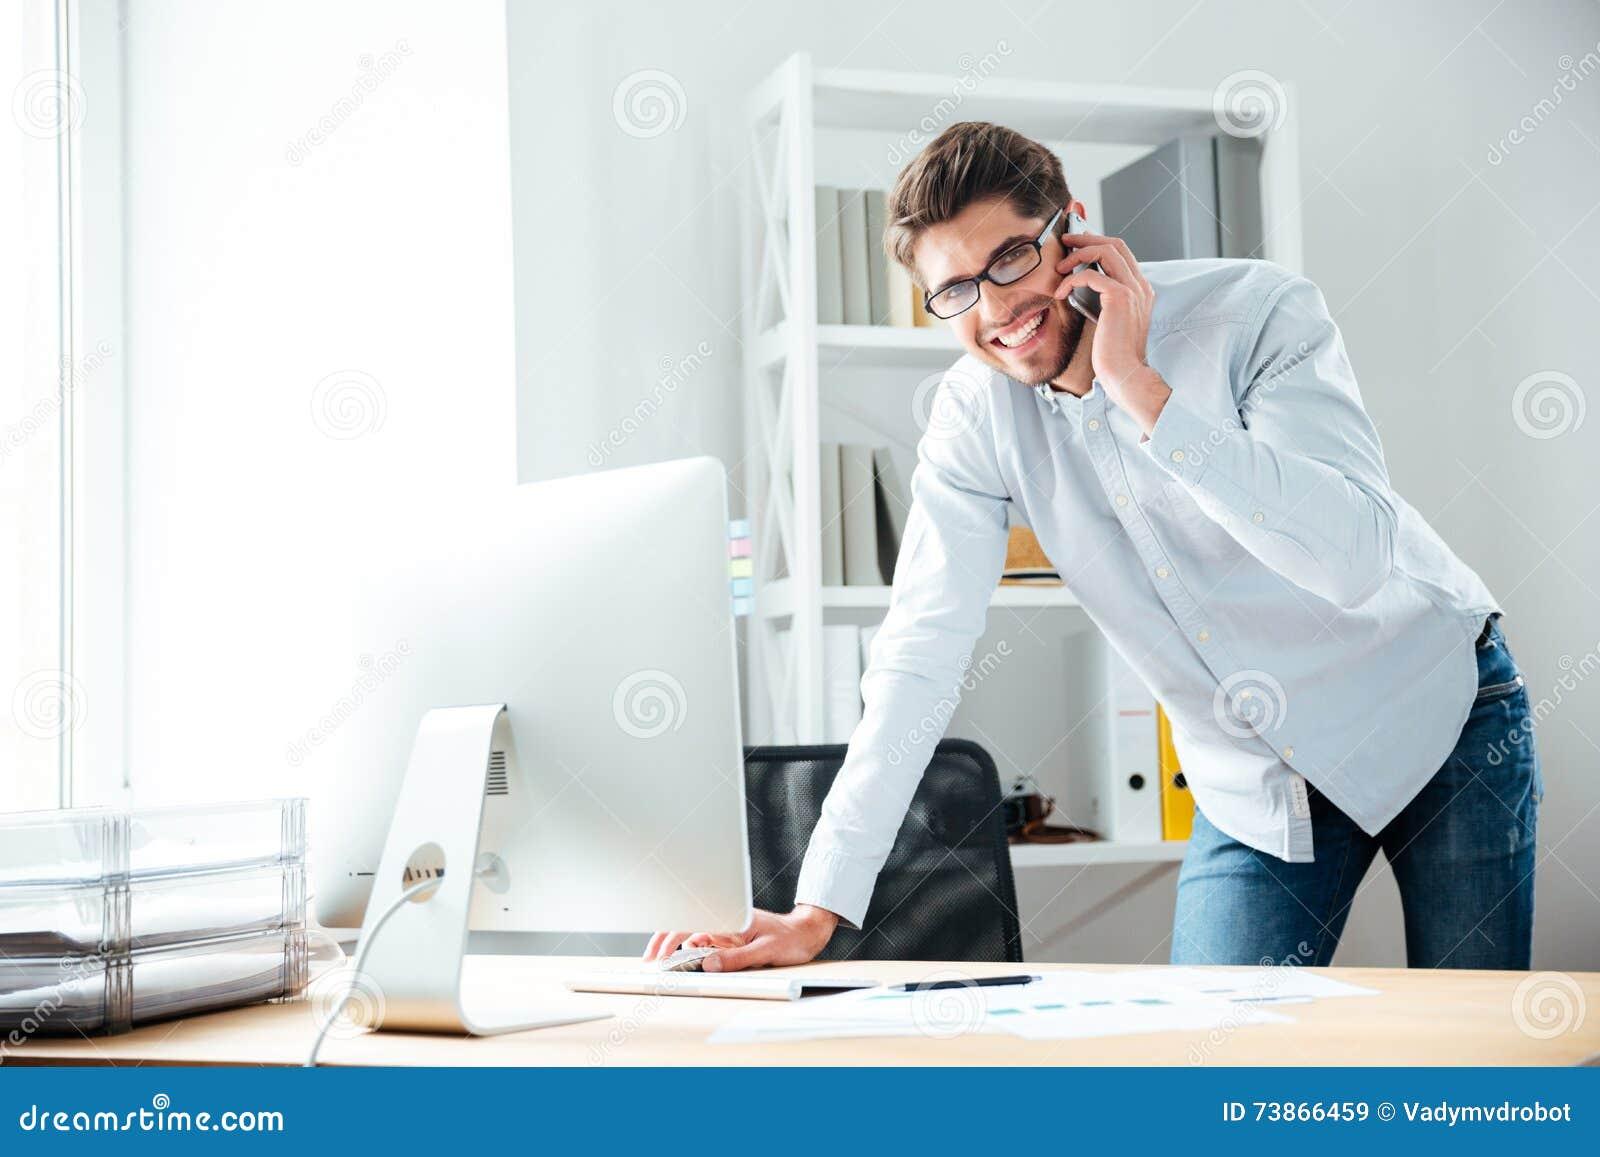 Glimlachende jonge zakenman gebruikend computer en sprekend op mobiele telefoon